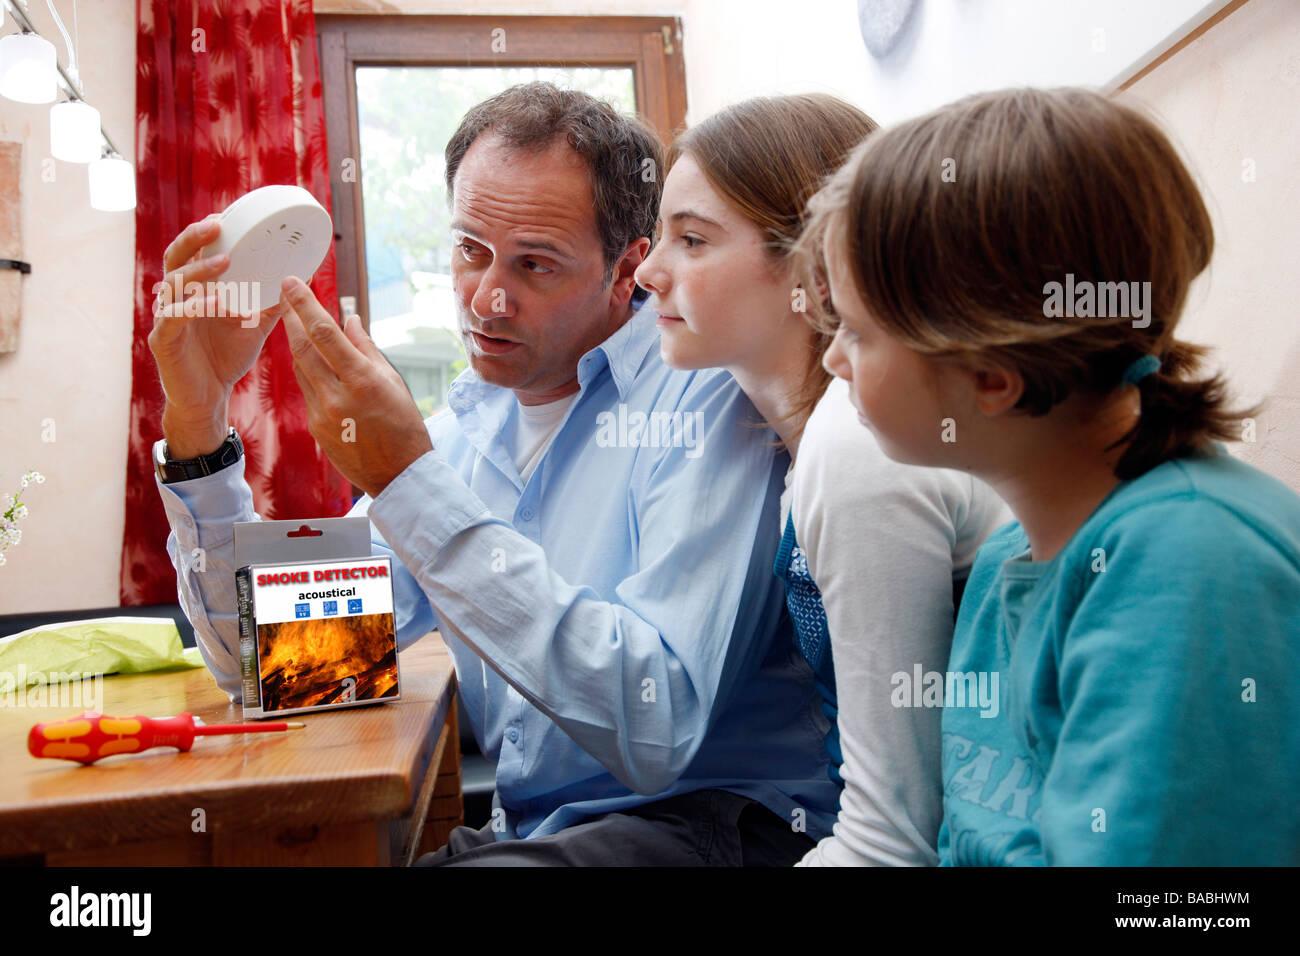 Un père explique un détecteur de fumée à ses filles. Prévention incendie dans une maison Photo Stock